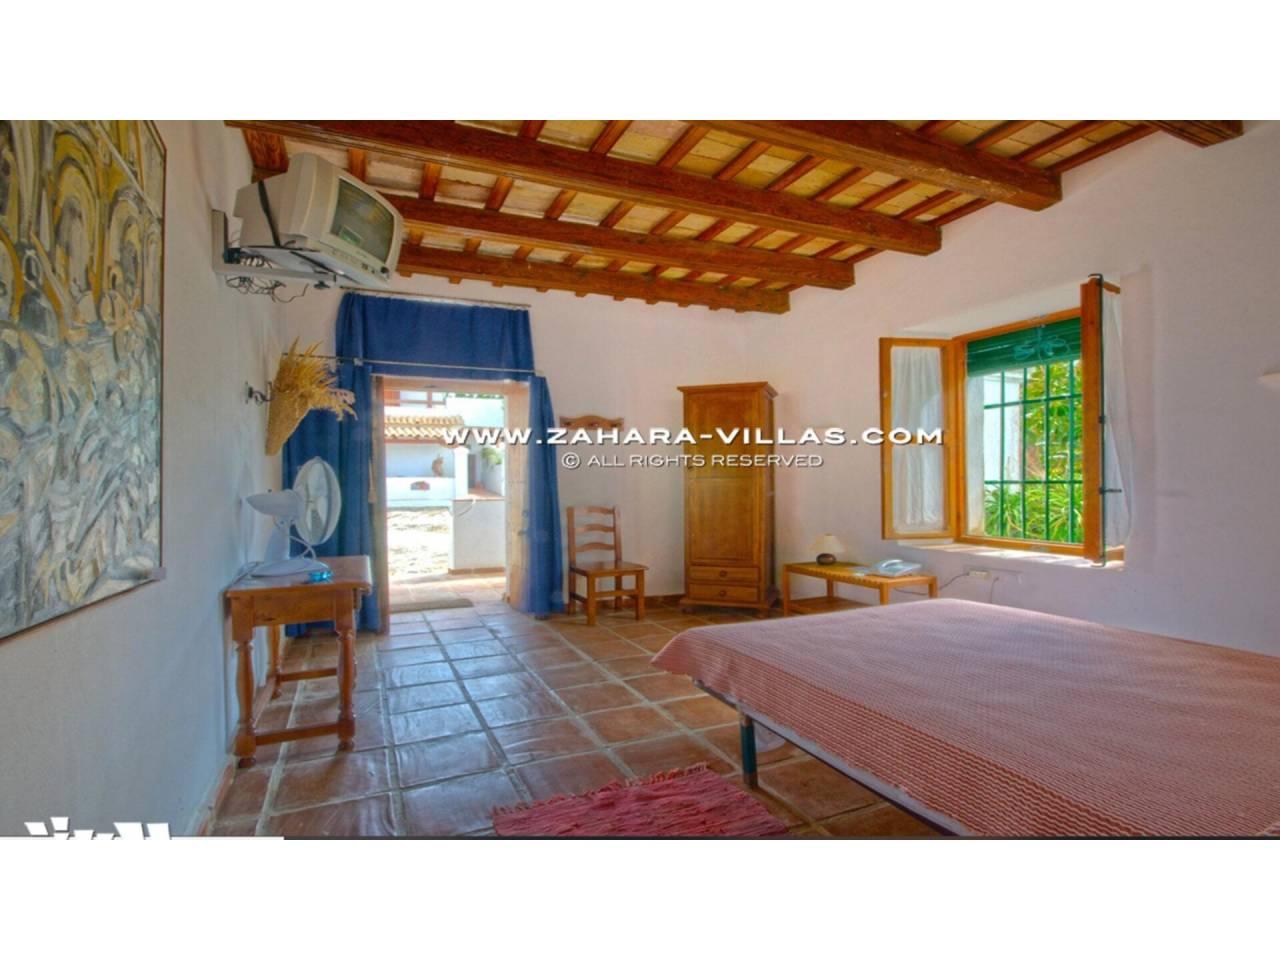 Imagen 9 de Rural Hotel en San Ambrosio, Barbate